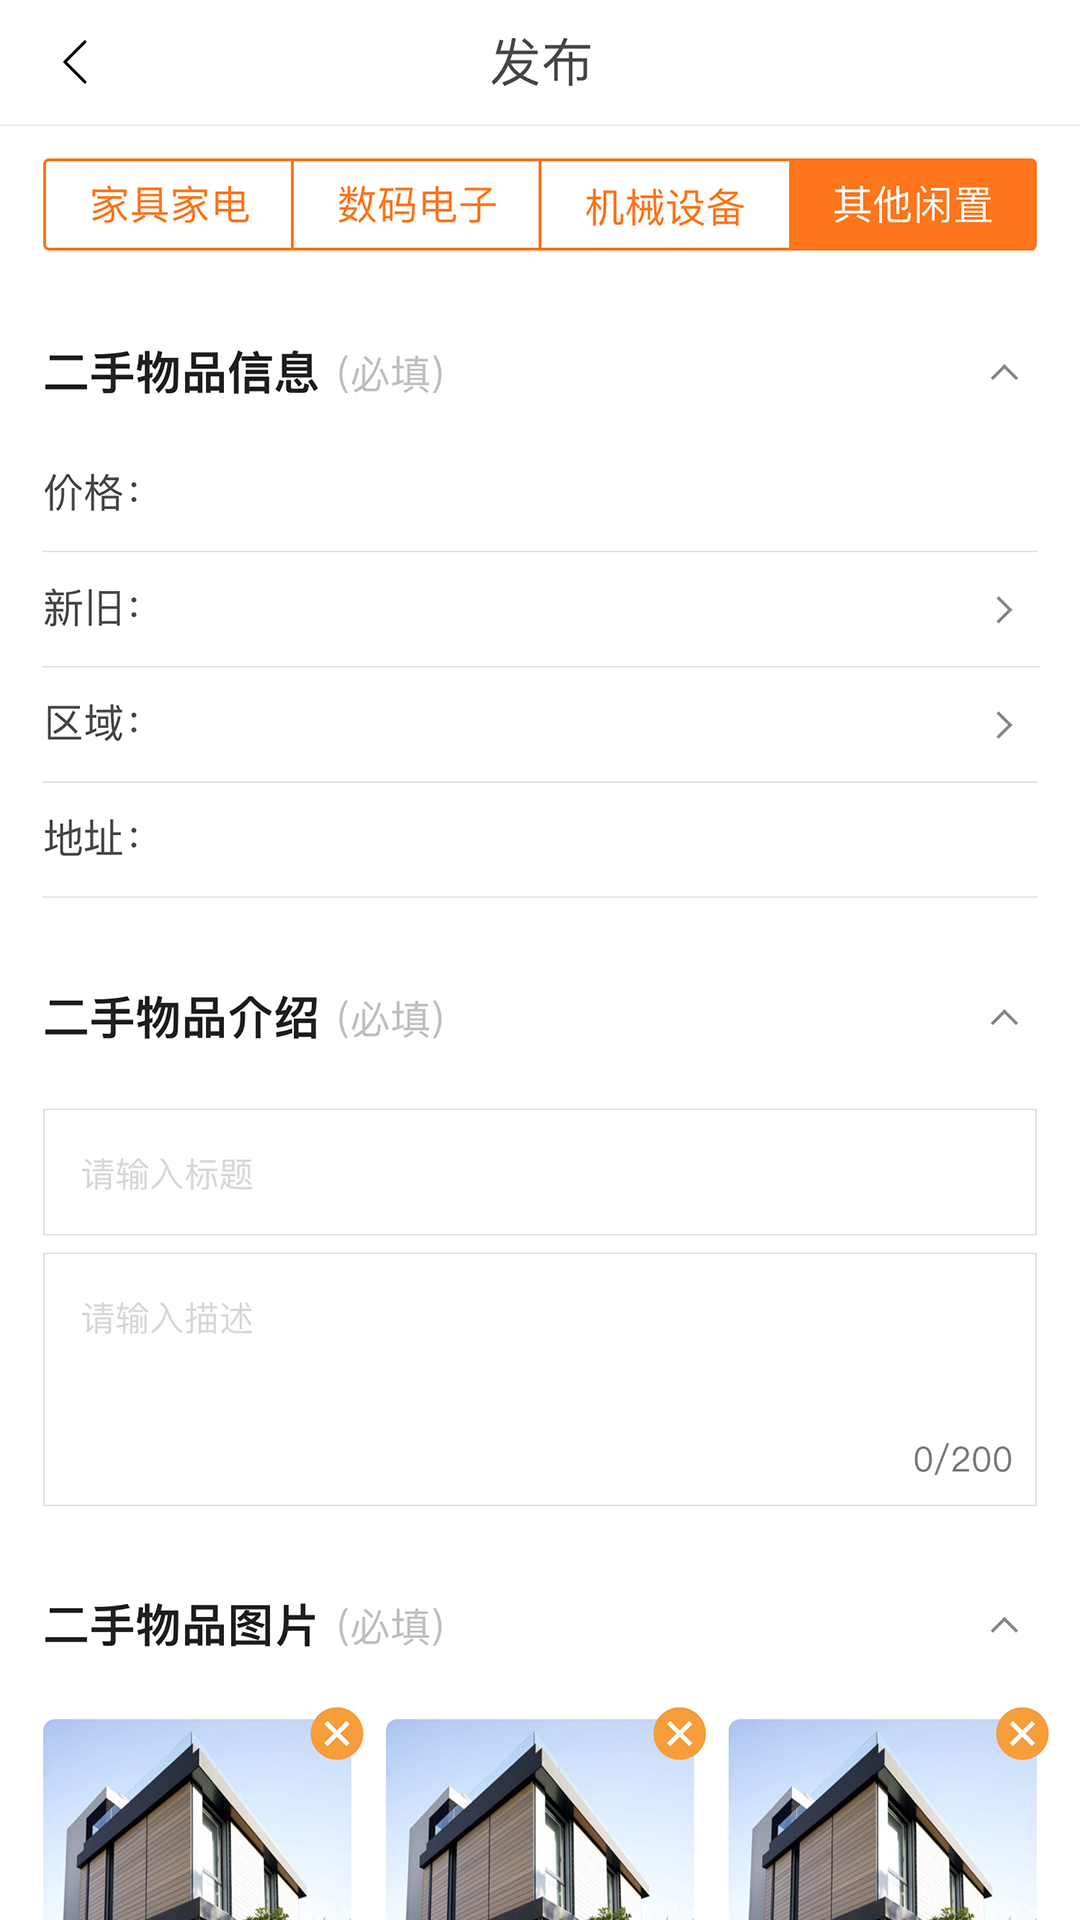 柬便宜 V1.0.1 安卓版截图2